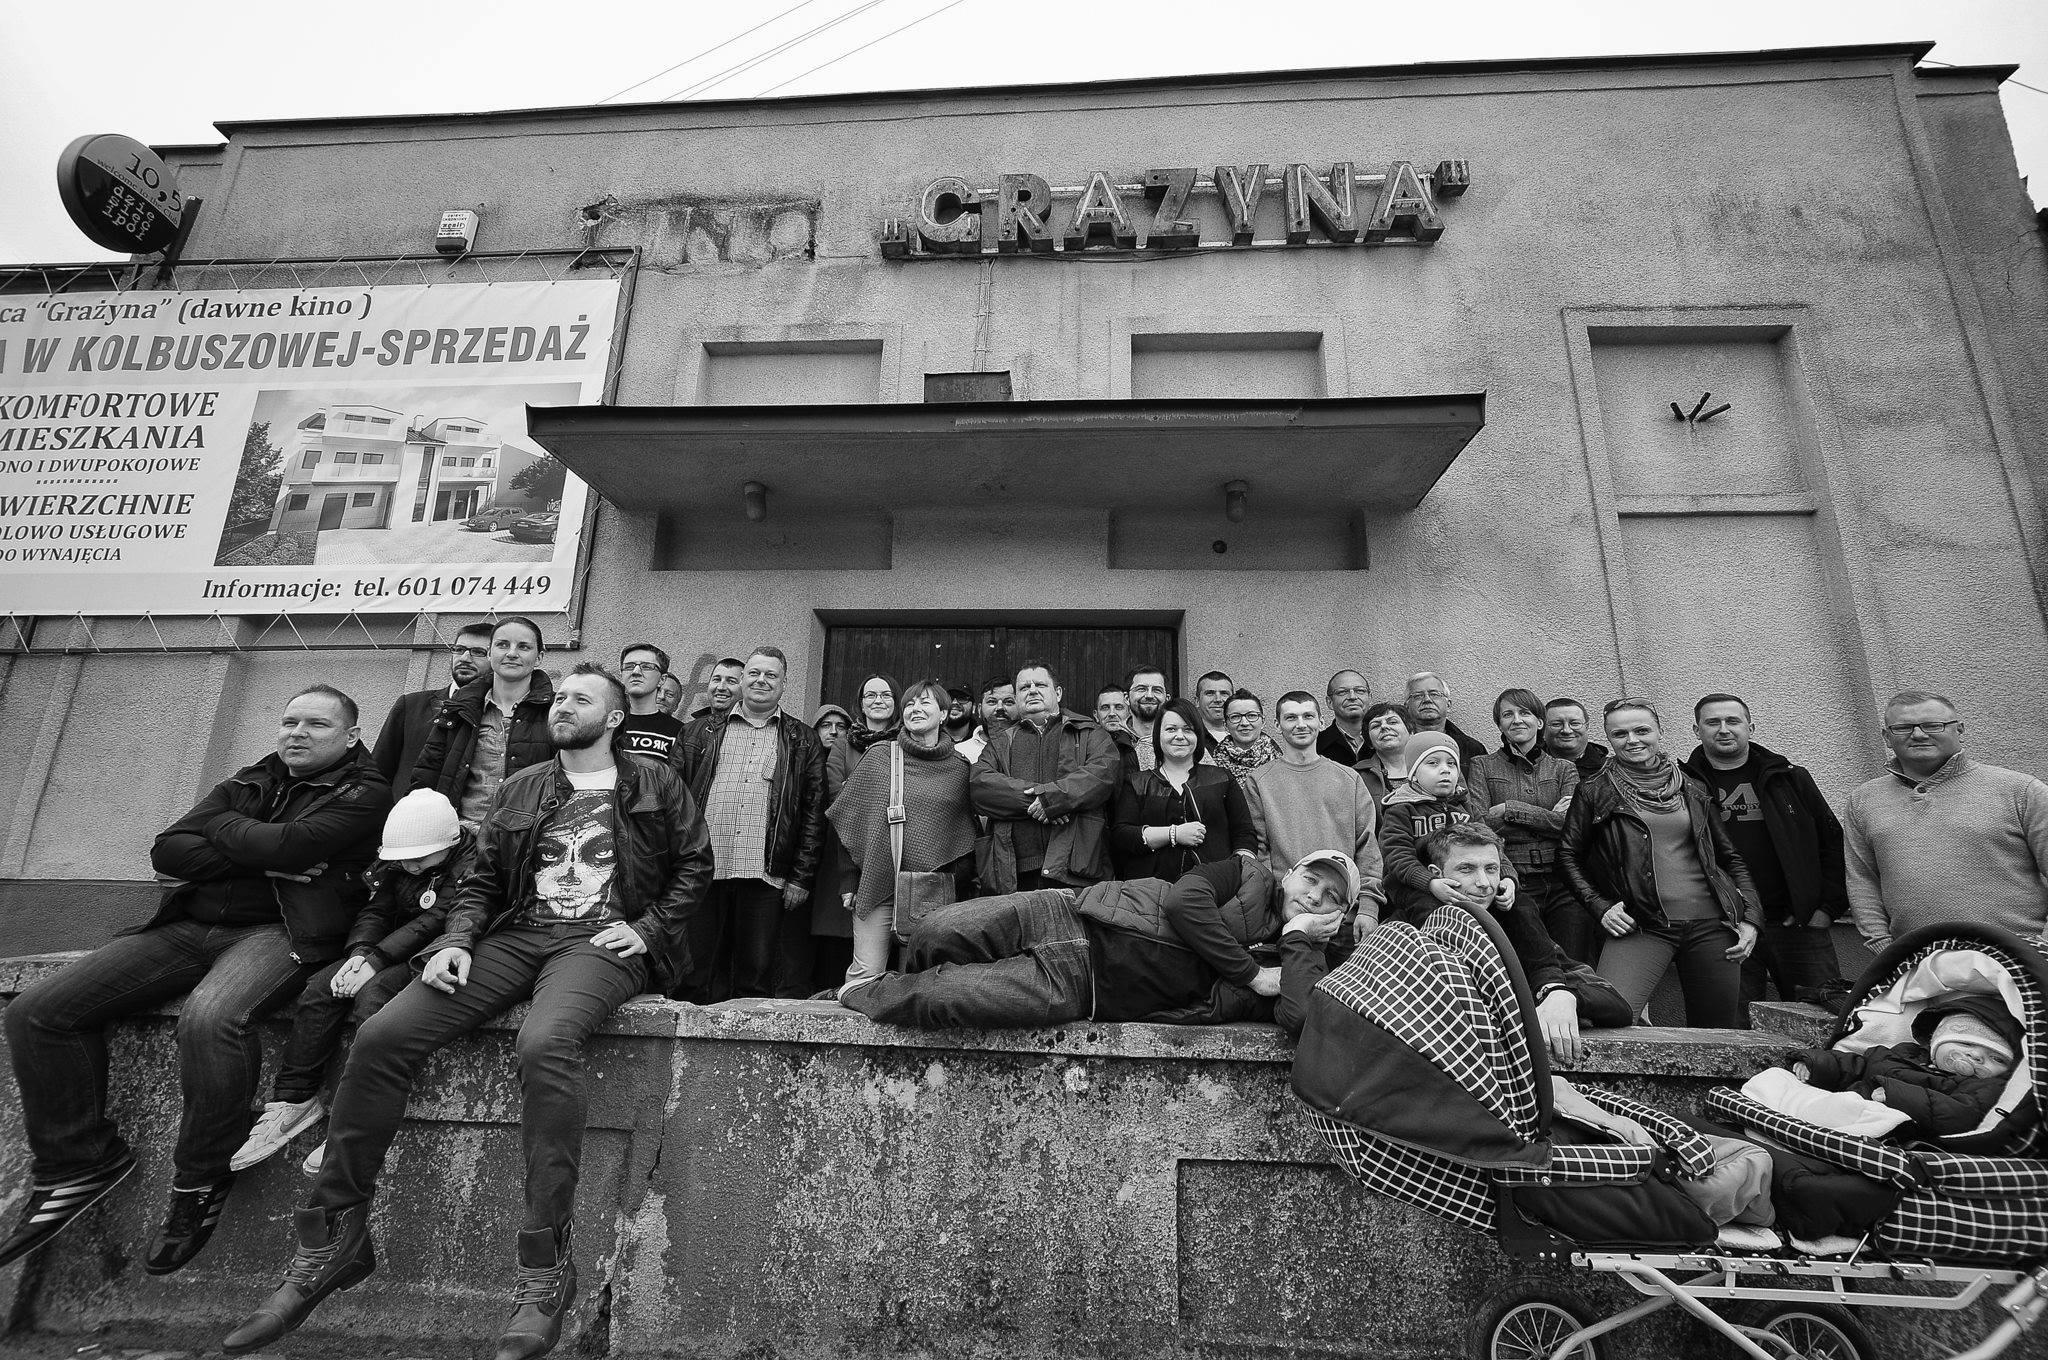 Sześć lat temu pożegnaliśmy Kino Grażyna [FOTO]